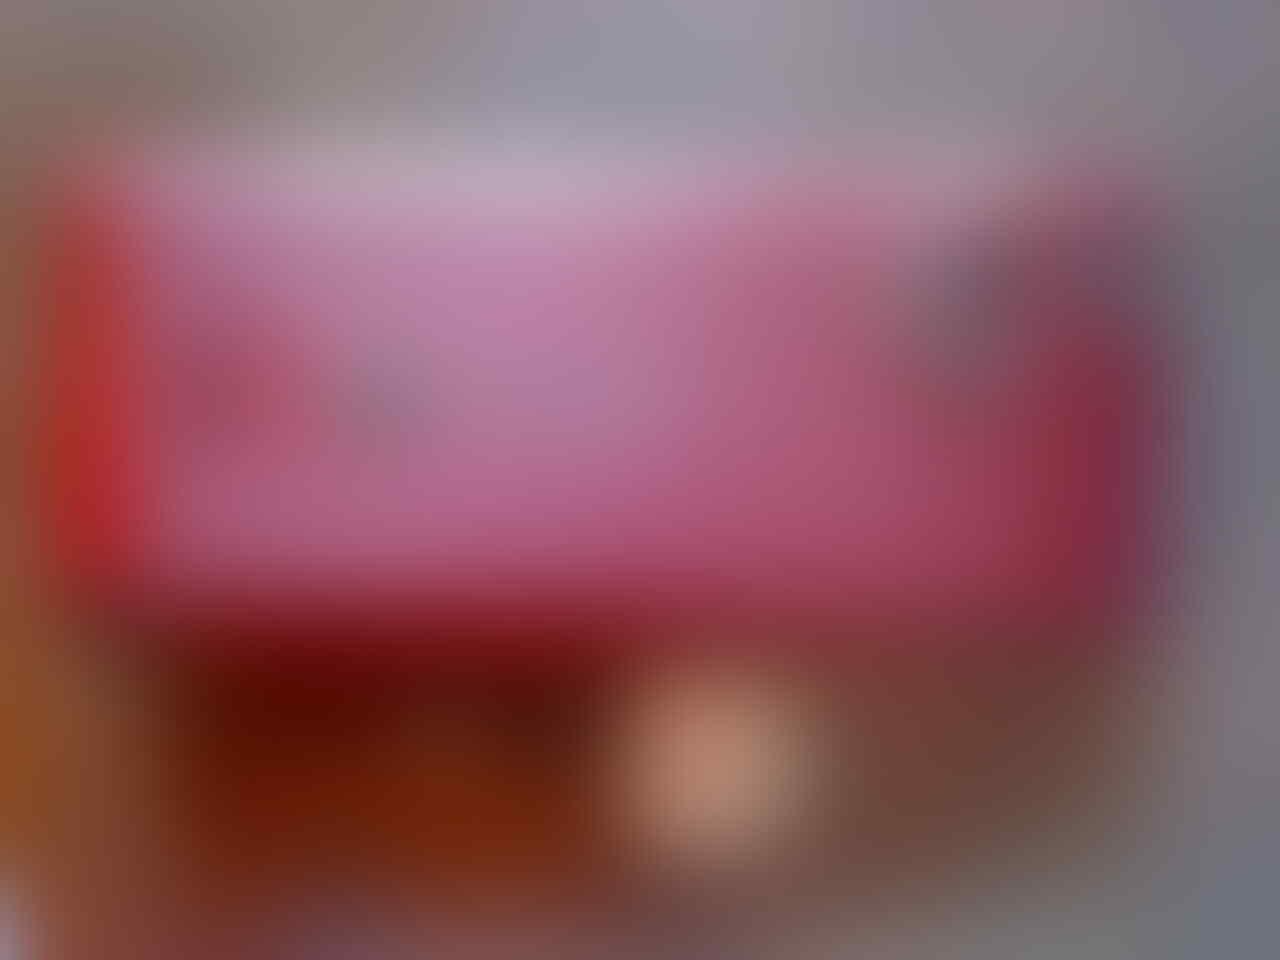 Sony Ericsson J105i Naite Brown Rembang - Tuban